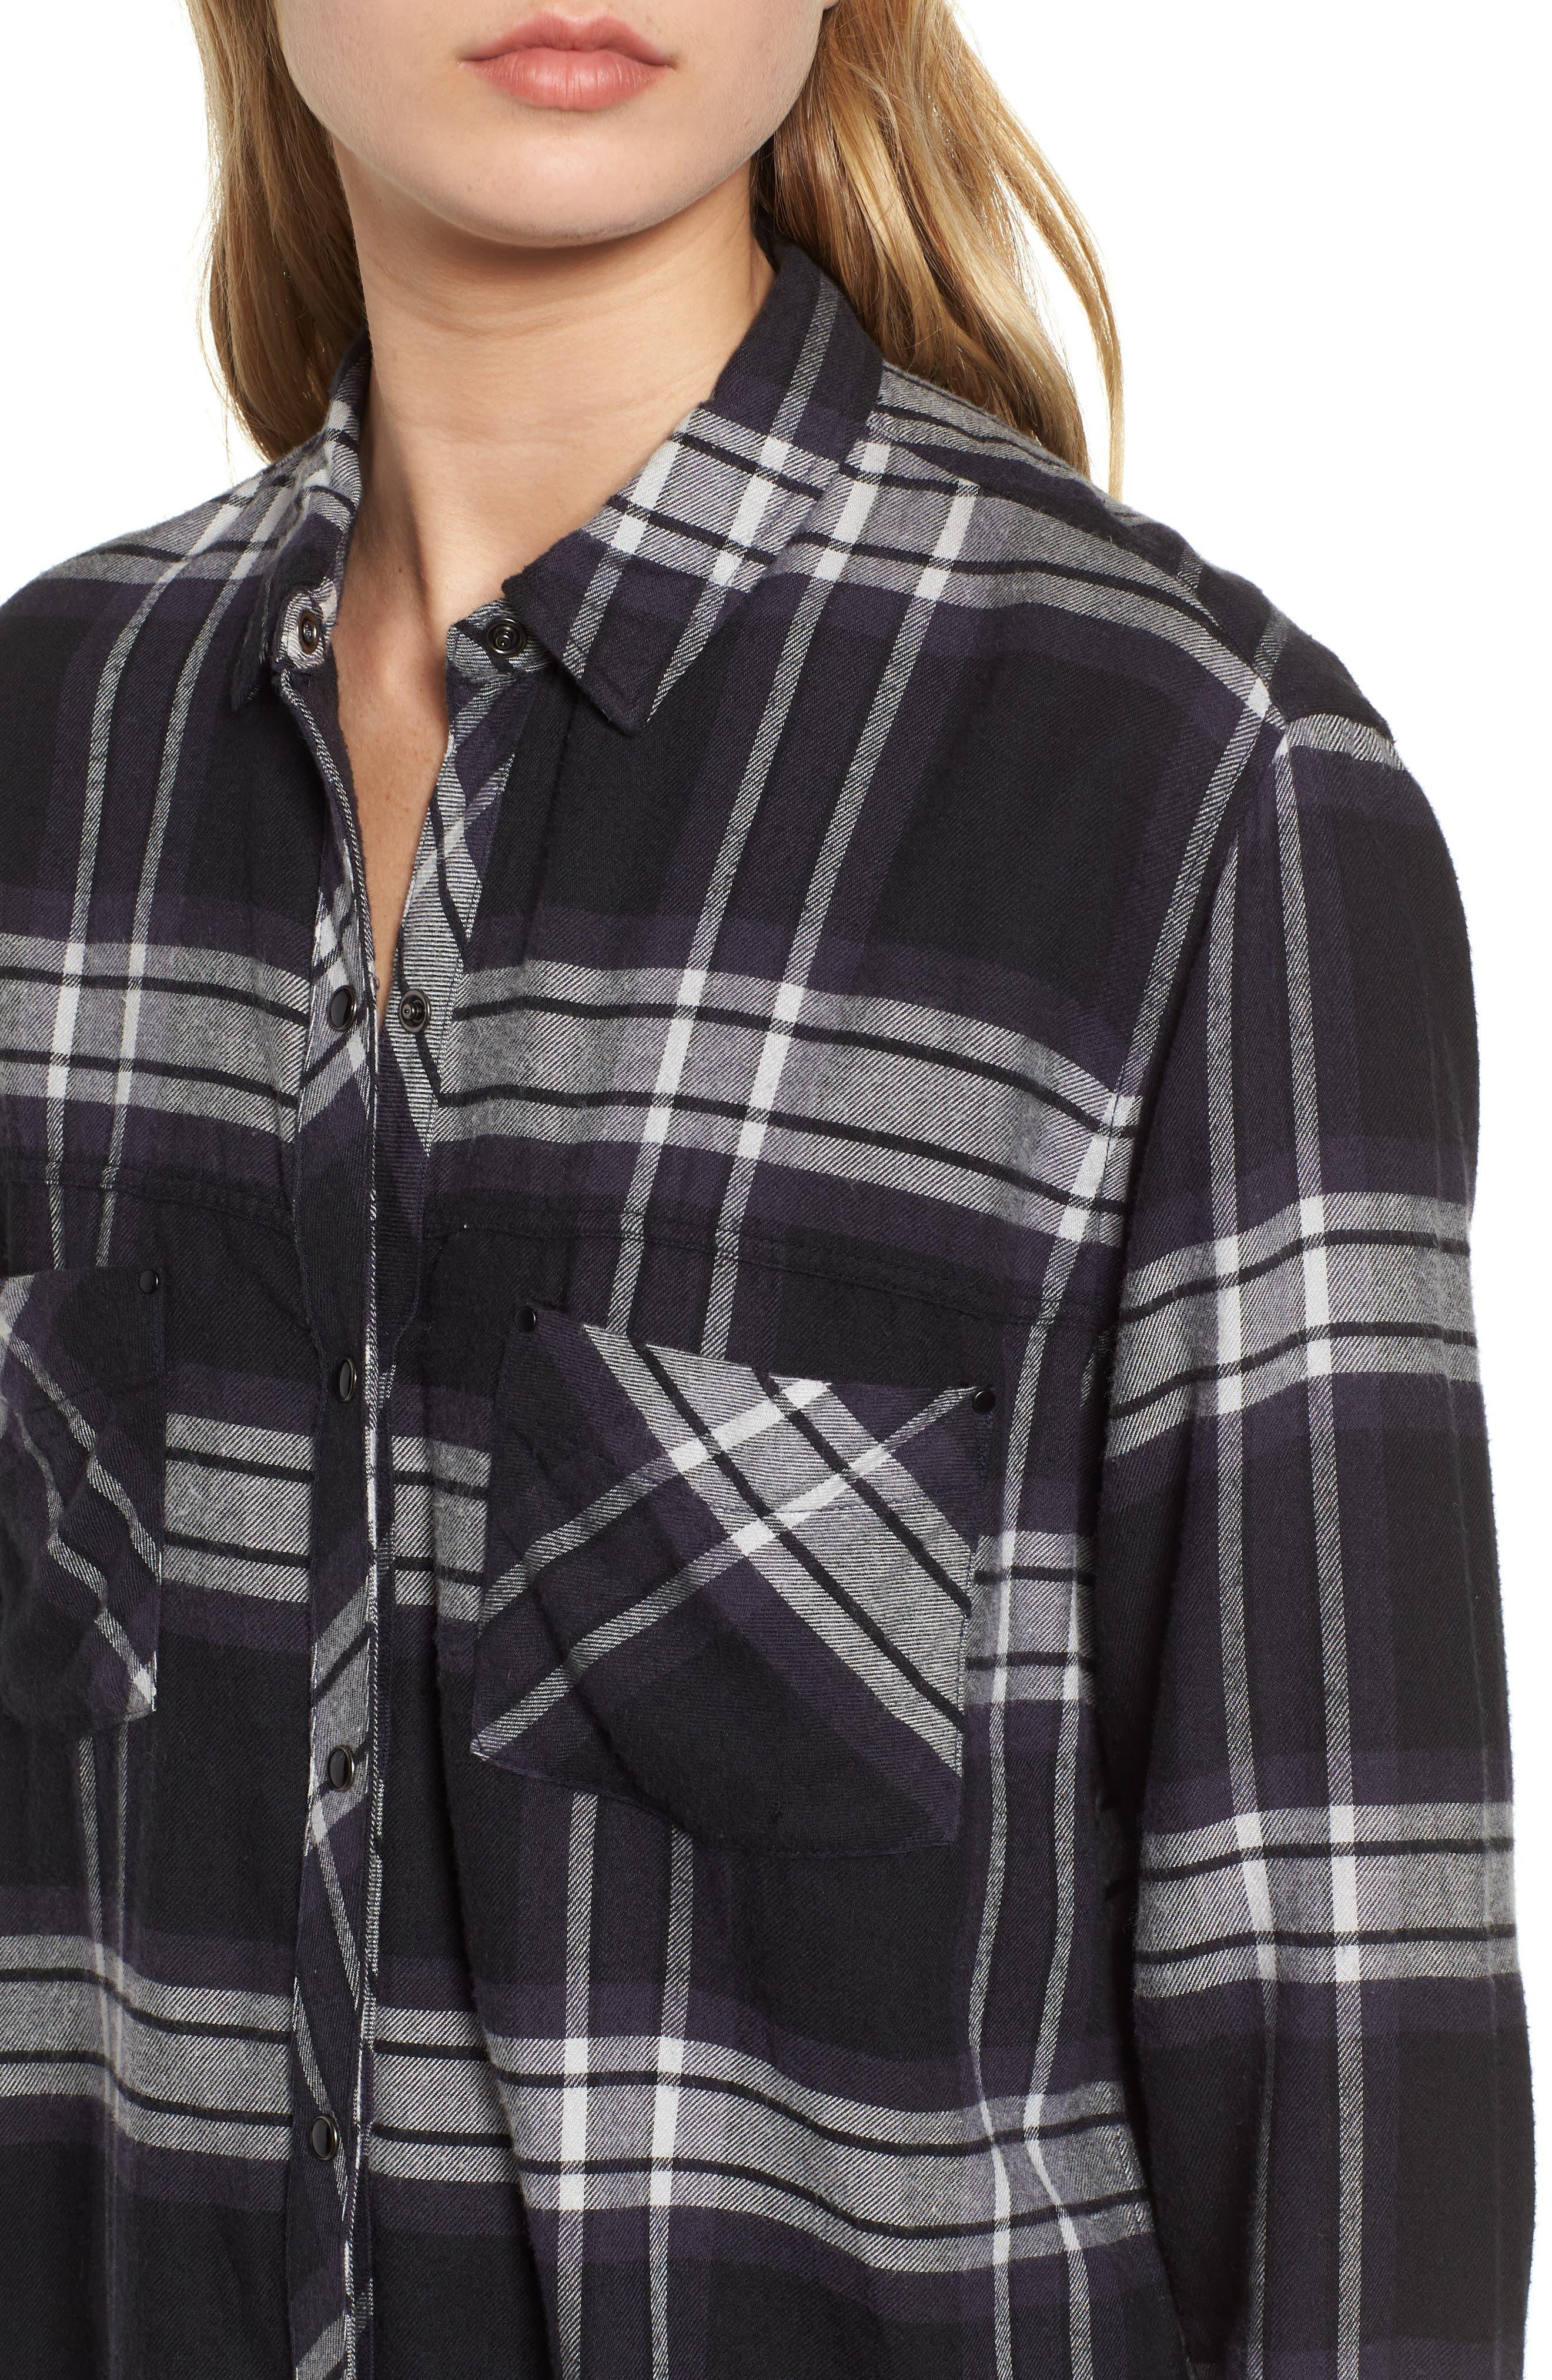 Leo Plaid Woven Shirt,                             Alternate thumbnail 4, color,                             BLACK ASH WHITE